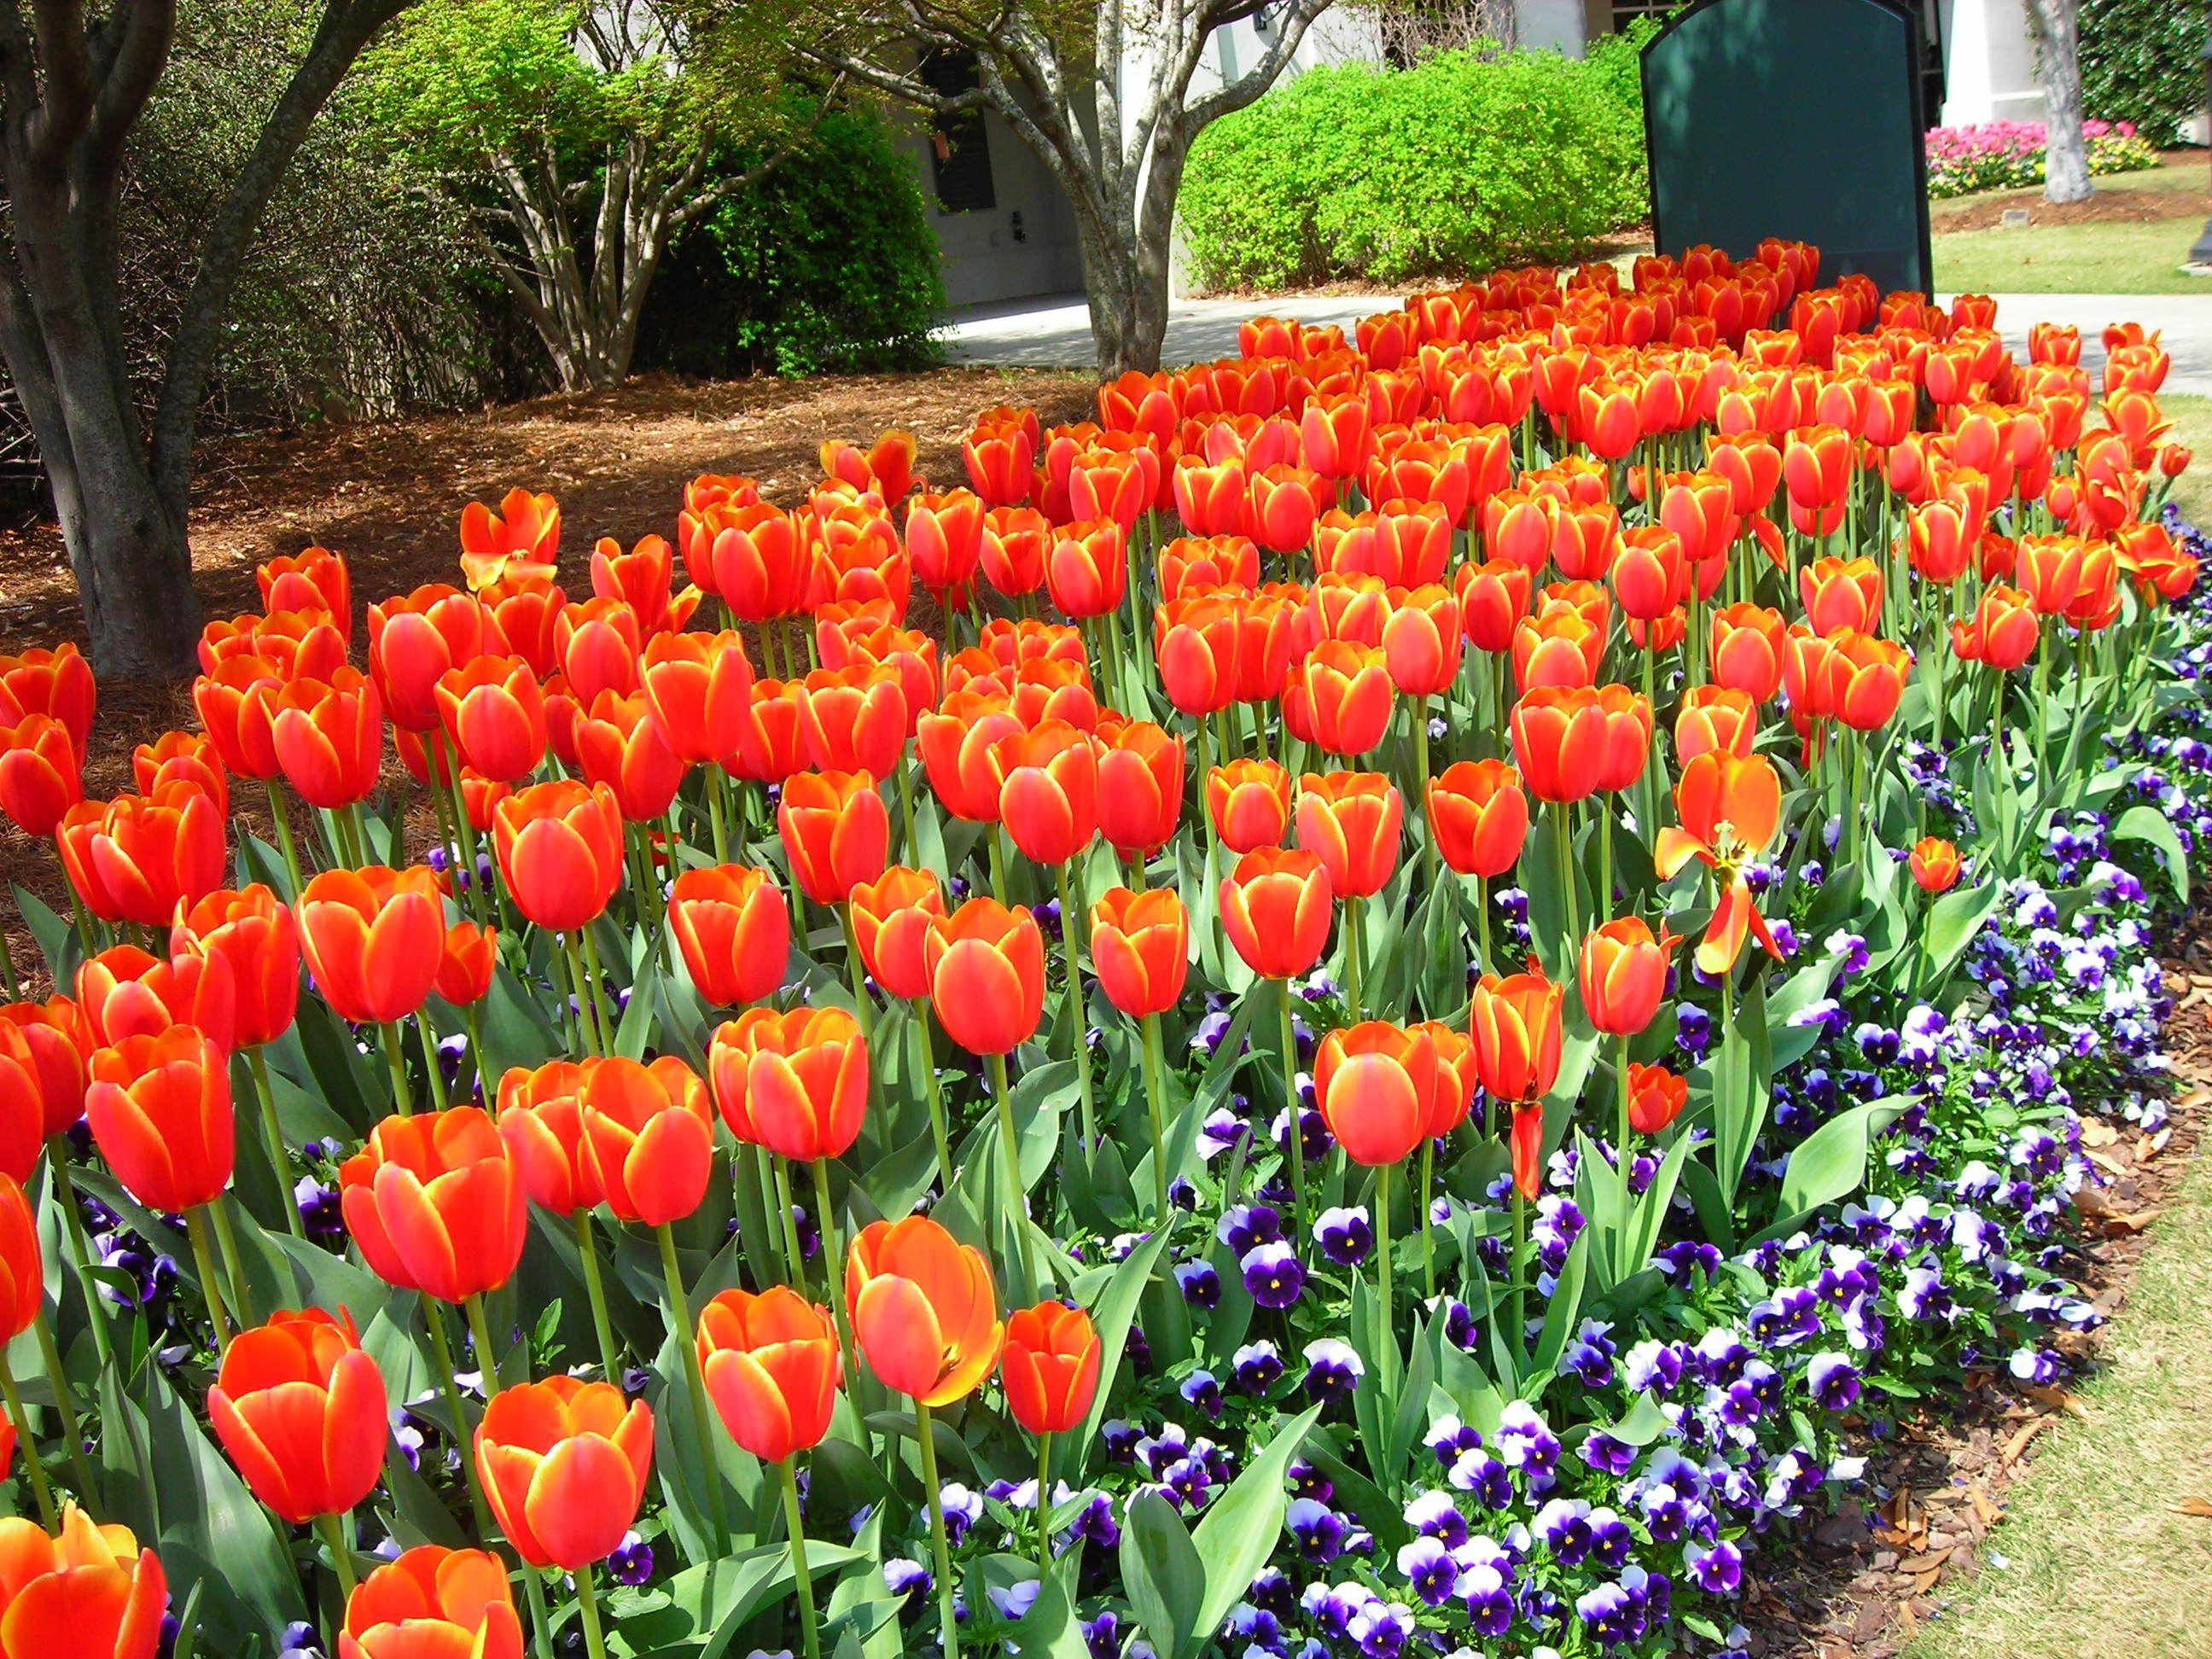 5586f46e6ec4a499283a61b0eae97426 - Birmingham Botanical Gardens Spring Plant Sale